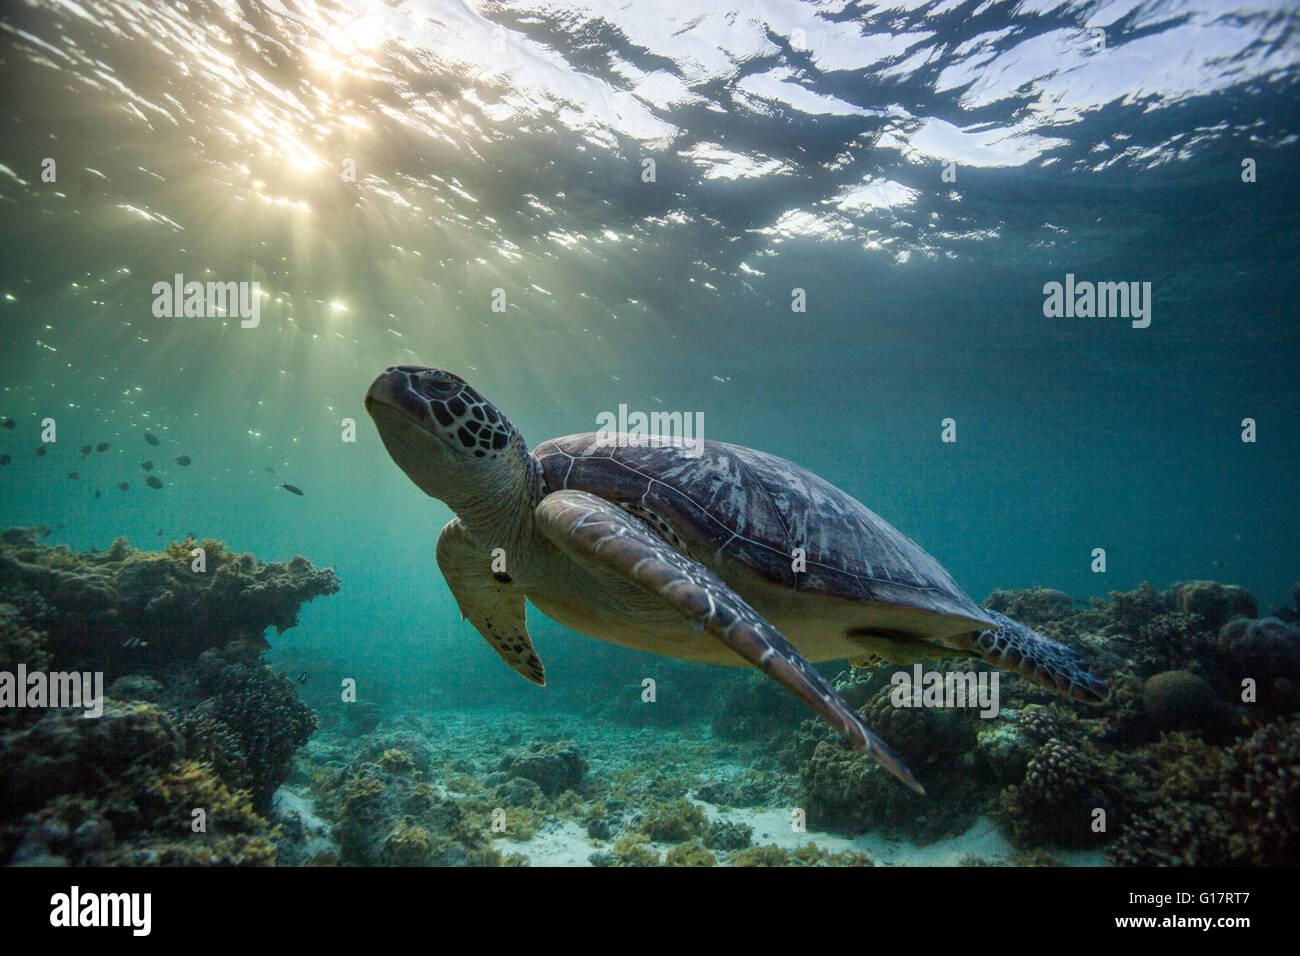 Rara tortuga verde (Chelonia mydas), nadar en el océano abierto, Cebu, Filipinas Imagen De Stock